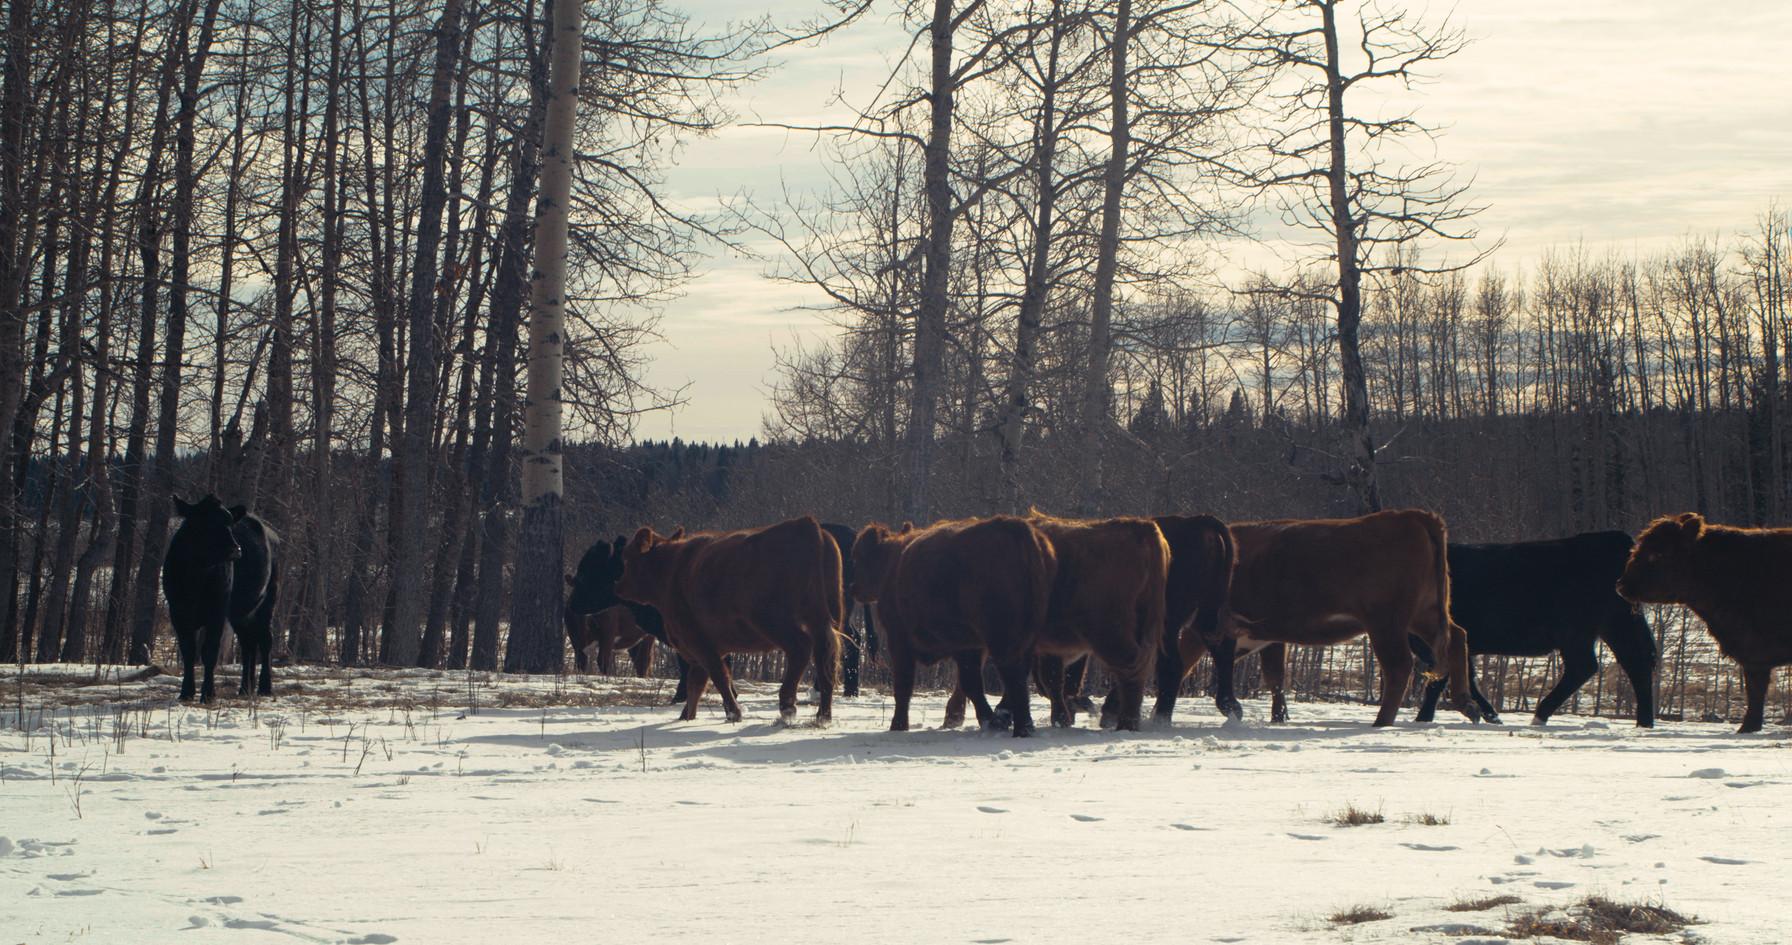 cows.00_00_21_06.Still003.jpg